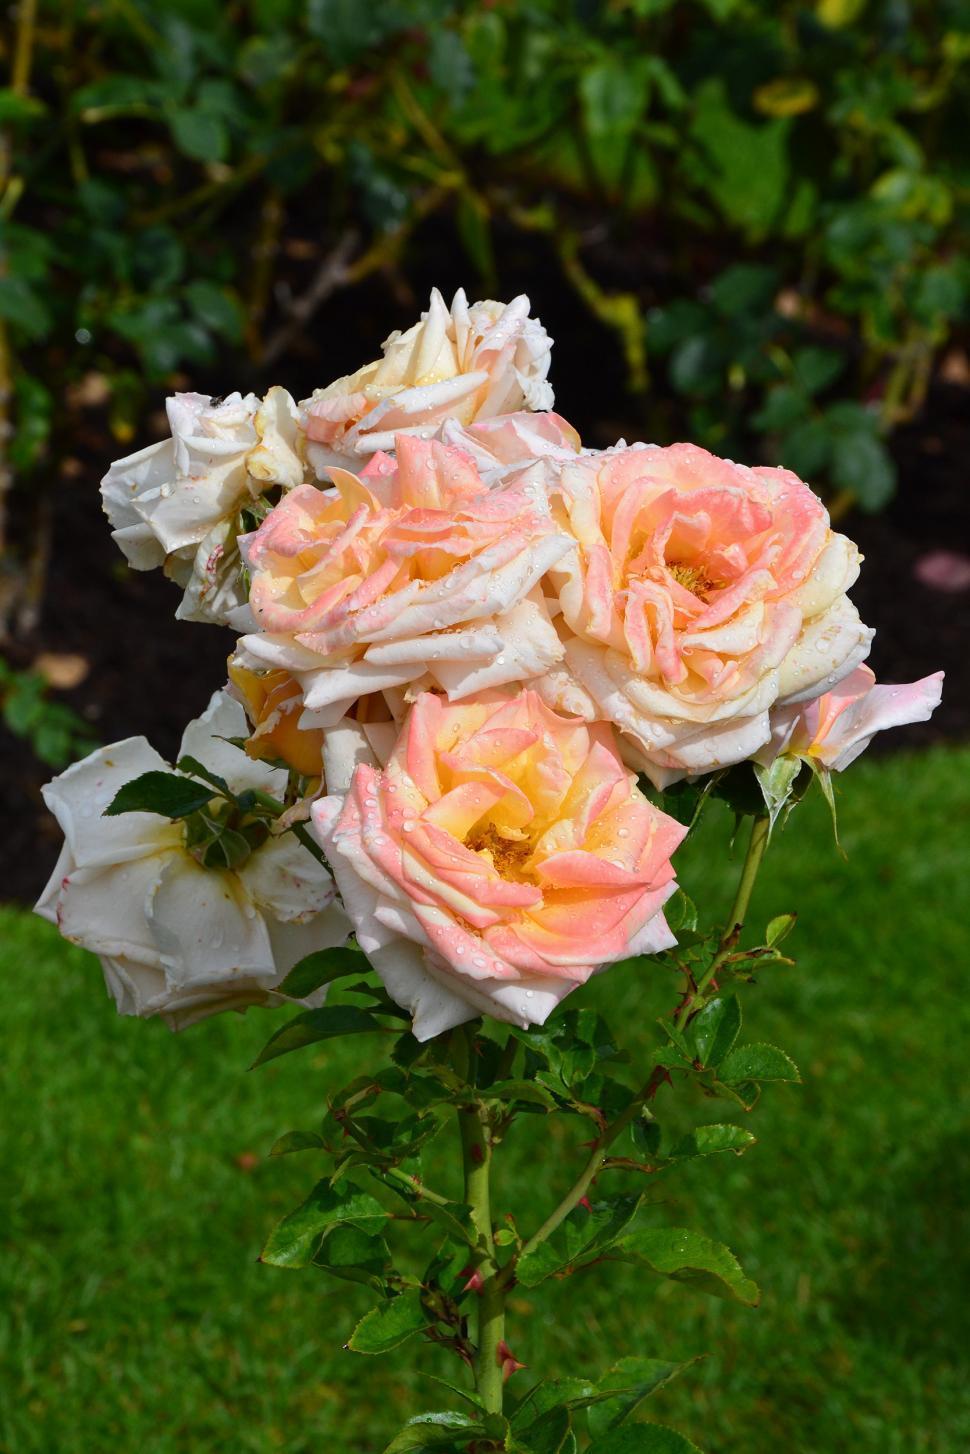 Download Free Stock HD Photo of Hybrid tea rose 'Creme Caramel'  Online